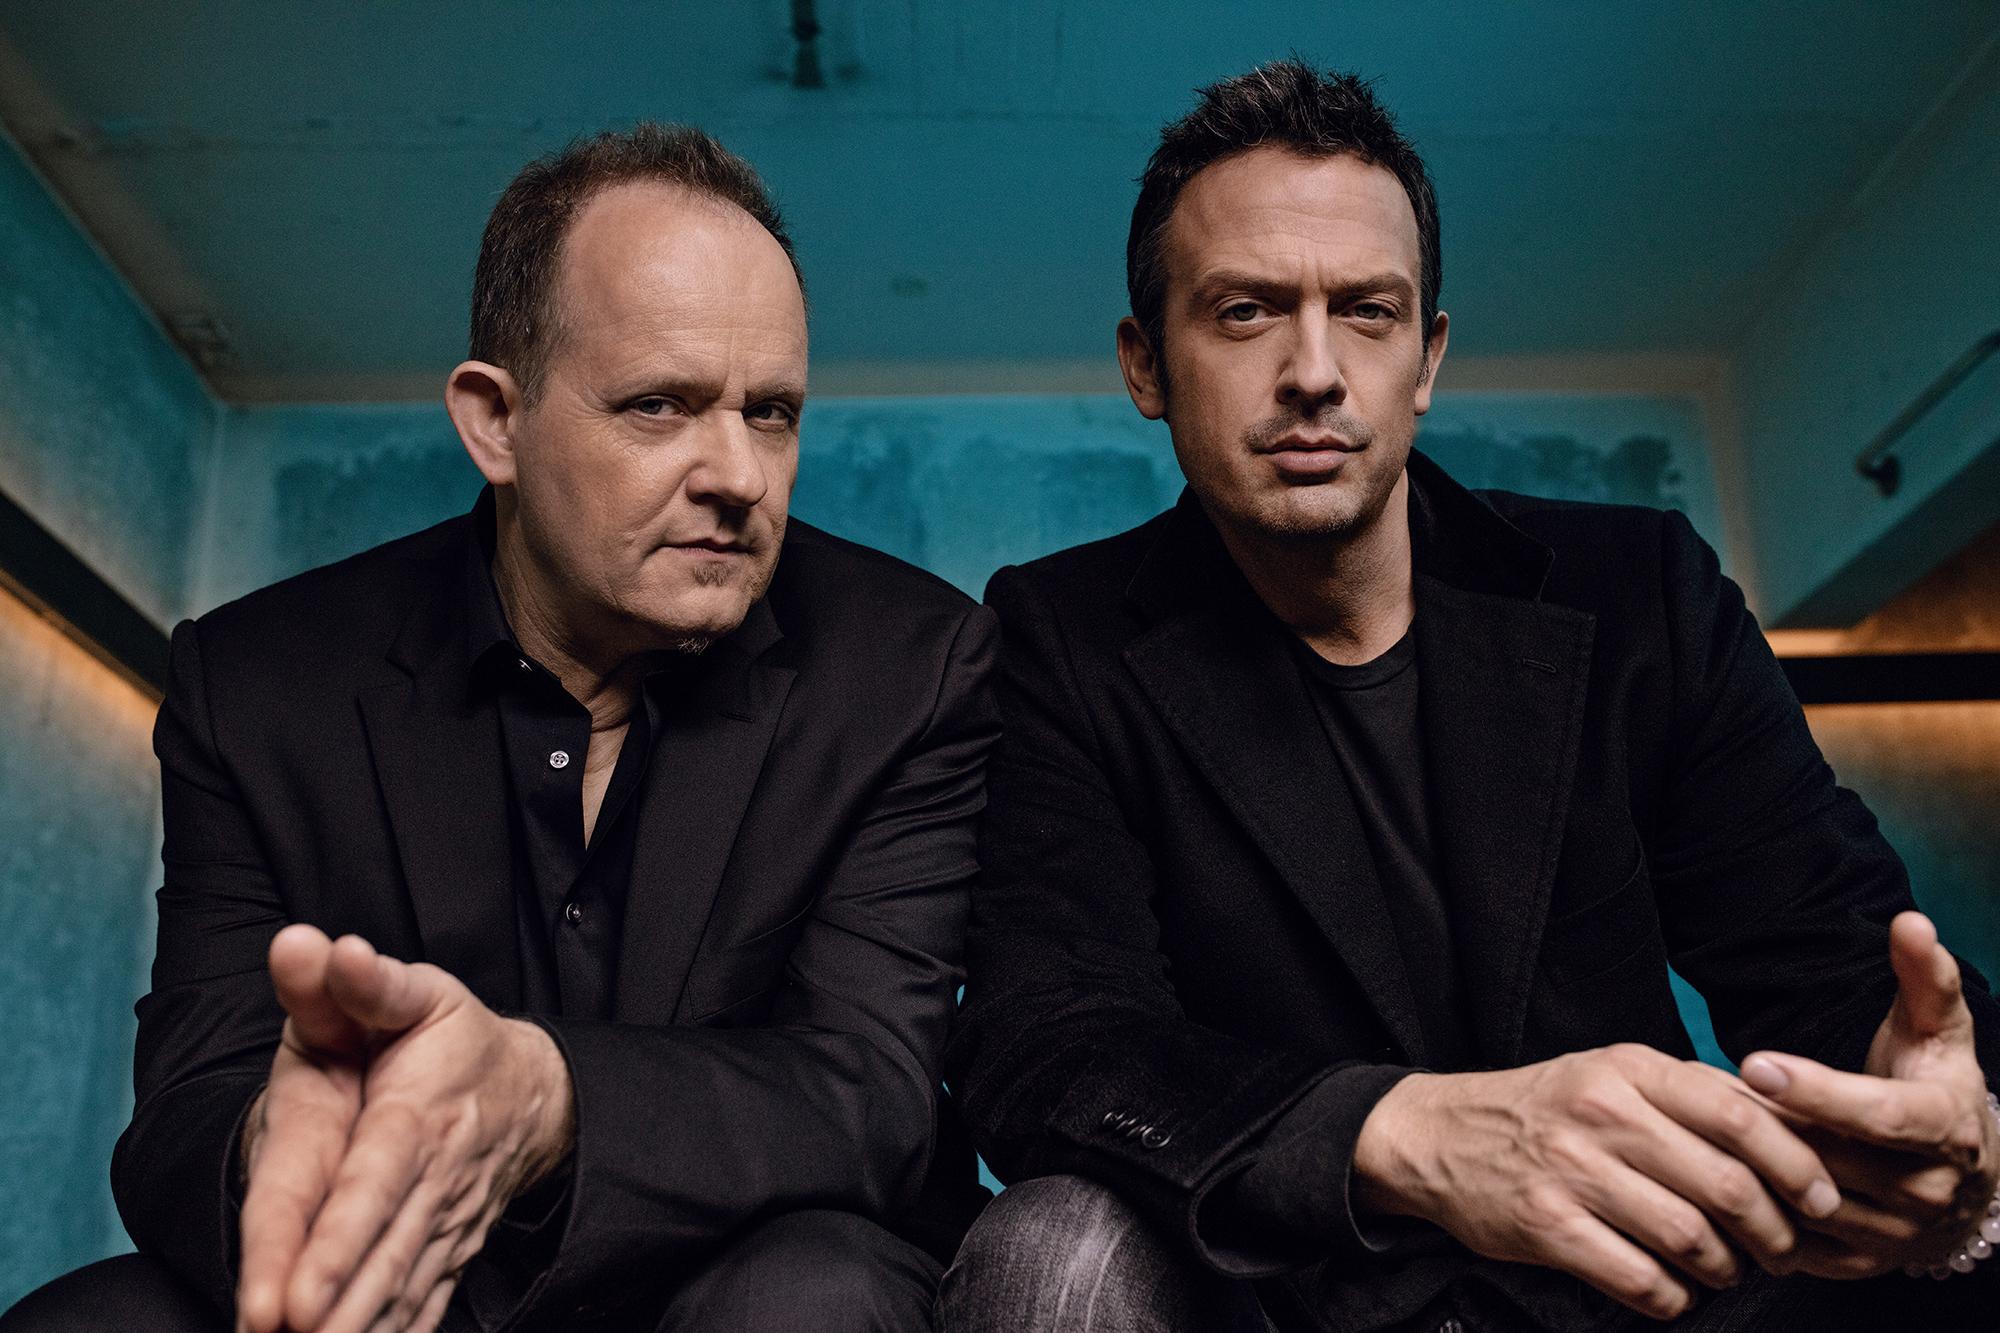 Till Brönner sitzt mit einem Kollegen in einem schwarzen Mantel und einem dunklen T-Shirt und schaut mit gefalteten Händen in die Kamera.